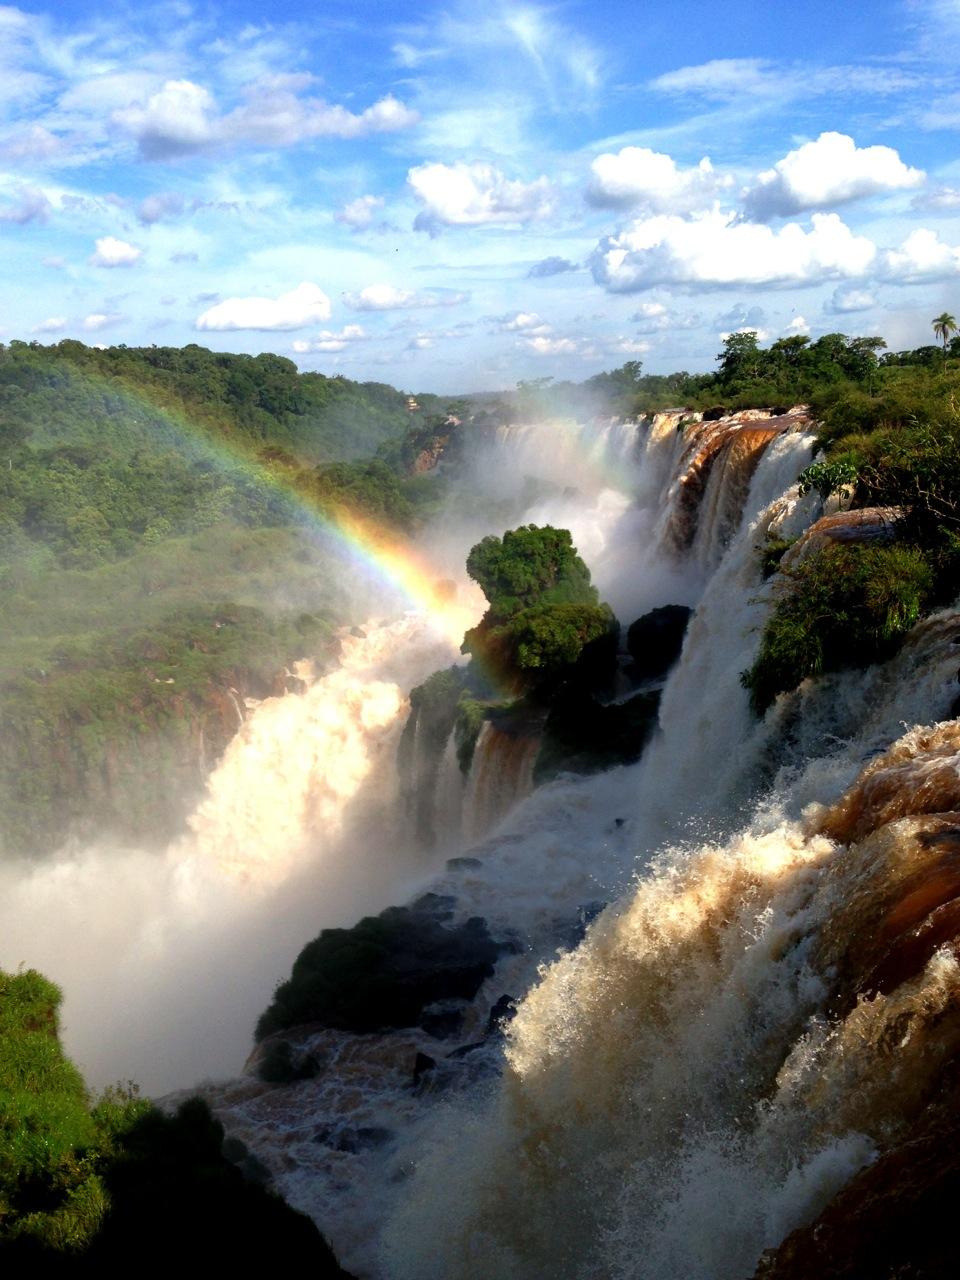 Waterfalls & Rainbows: two days at Iguazu Falls